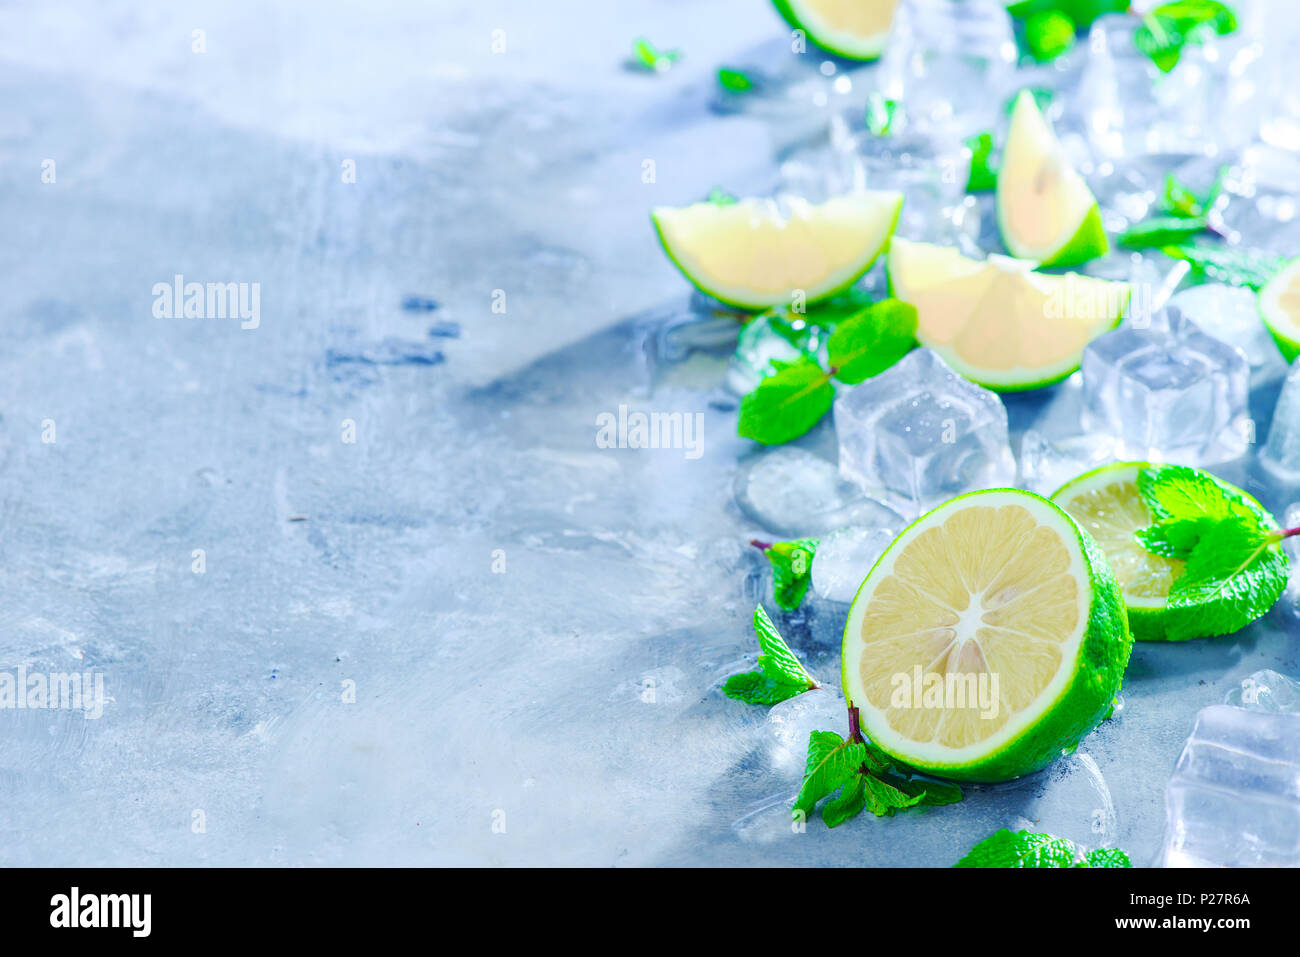 Mint, calce e i cubetti di ghiaccio, cocktail mojito ingredienti testata con copia spazio. Fare bibite estive di close-up. La luce del sole e il concetto di ristoro. Immagini Stock